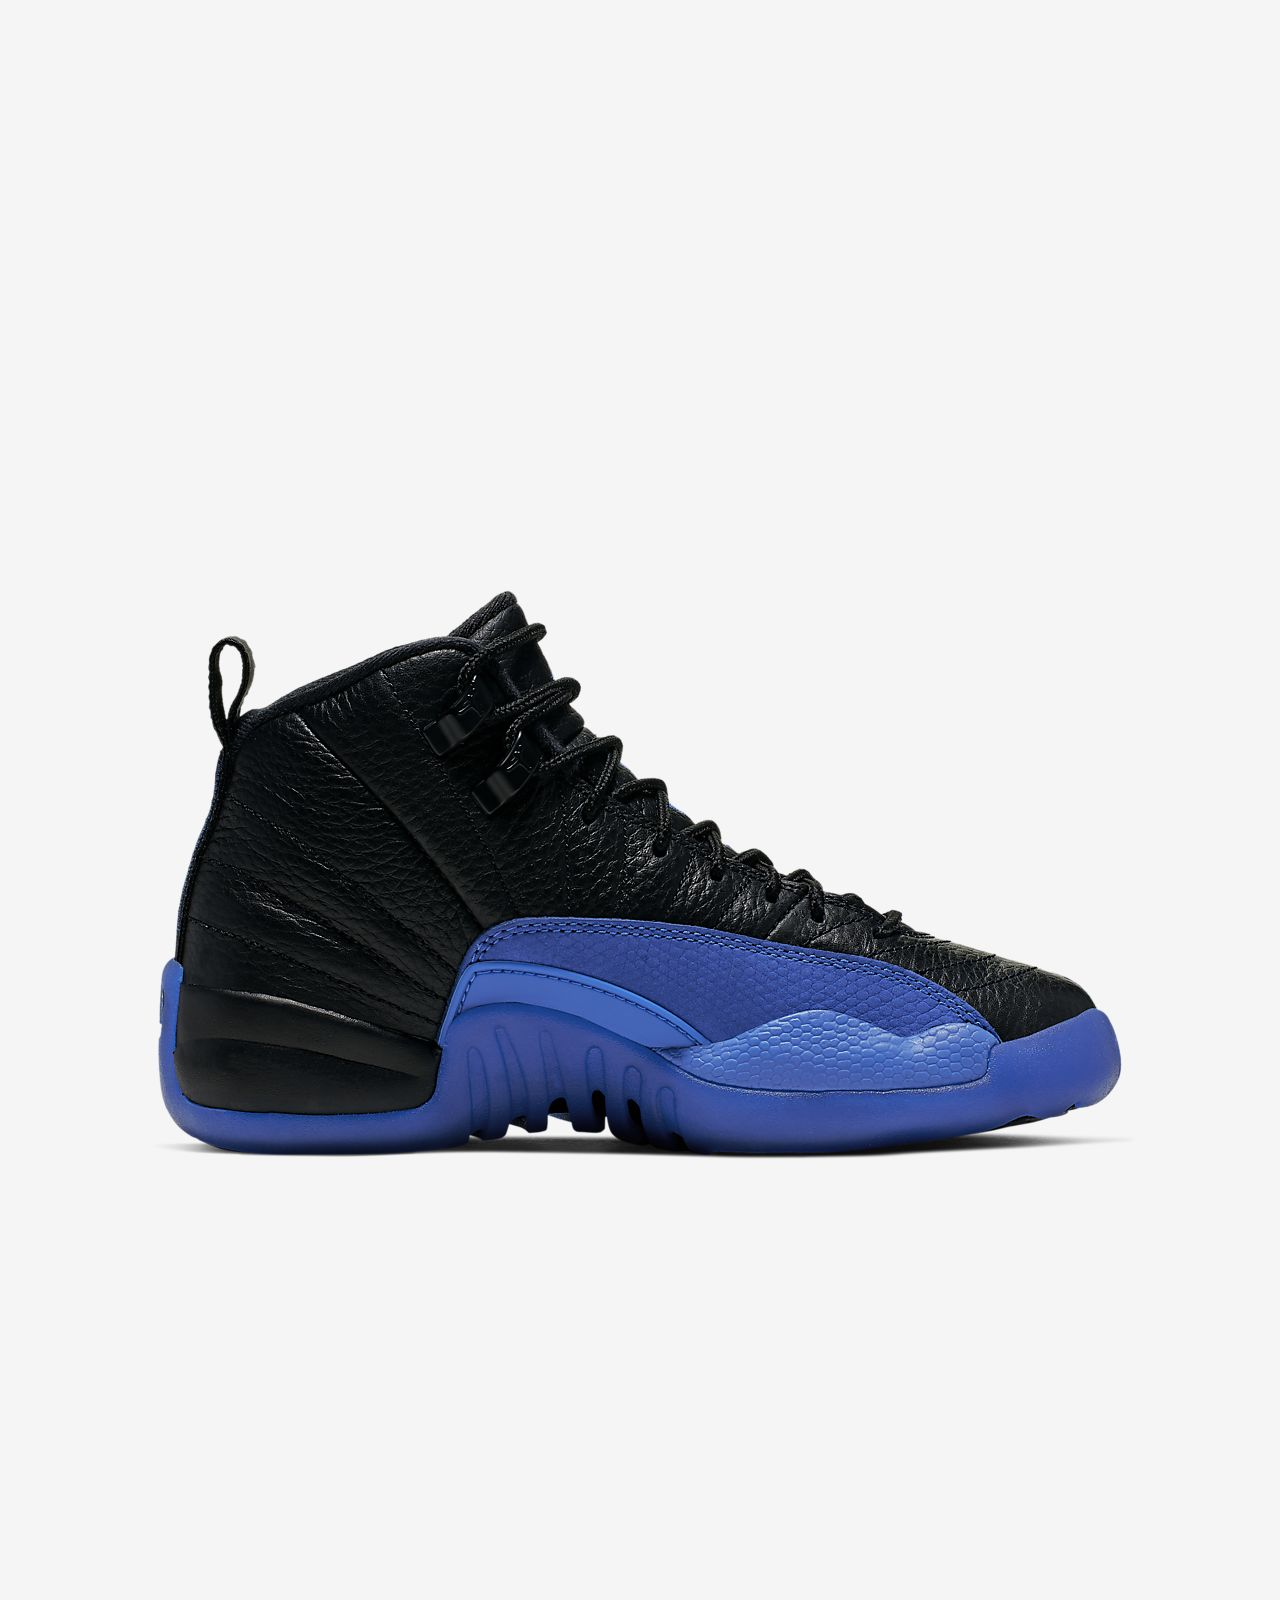 Air Jordan 12 Retro Big Kids' Shoe